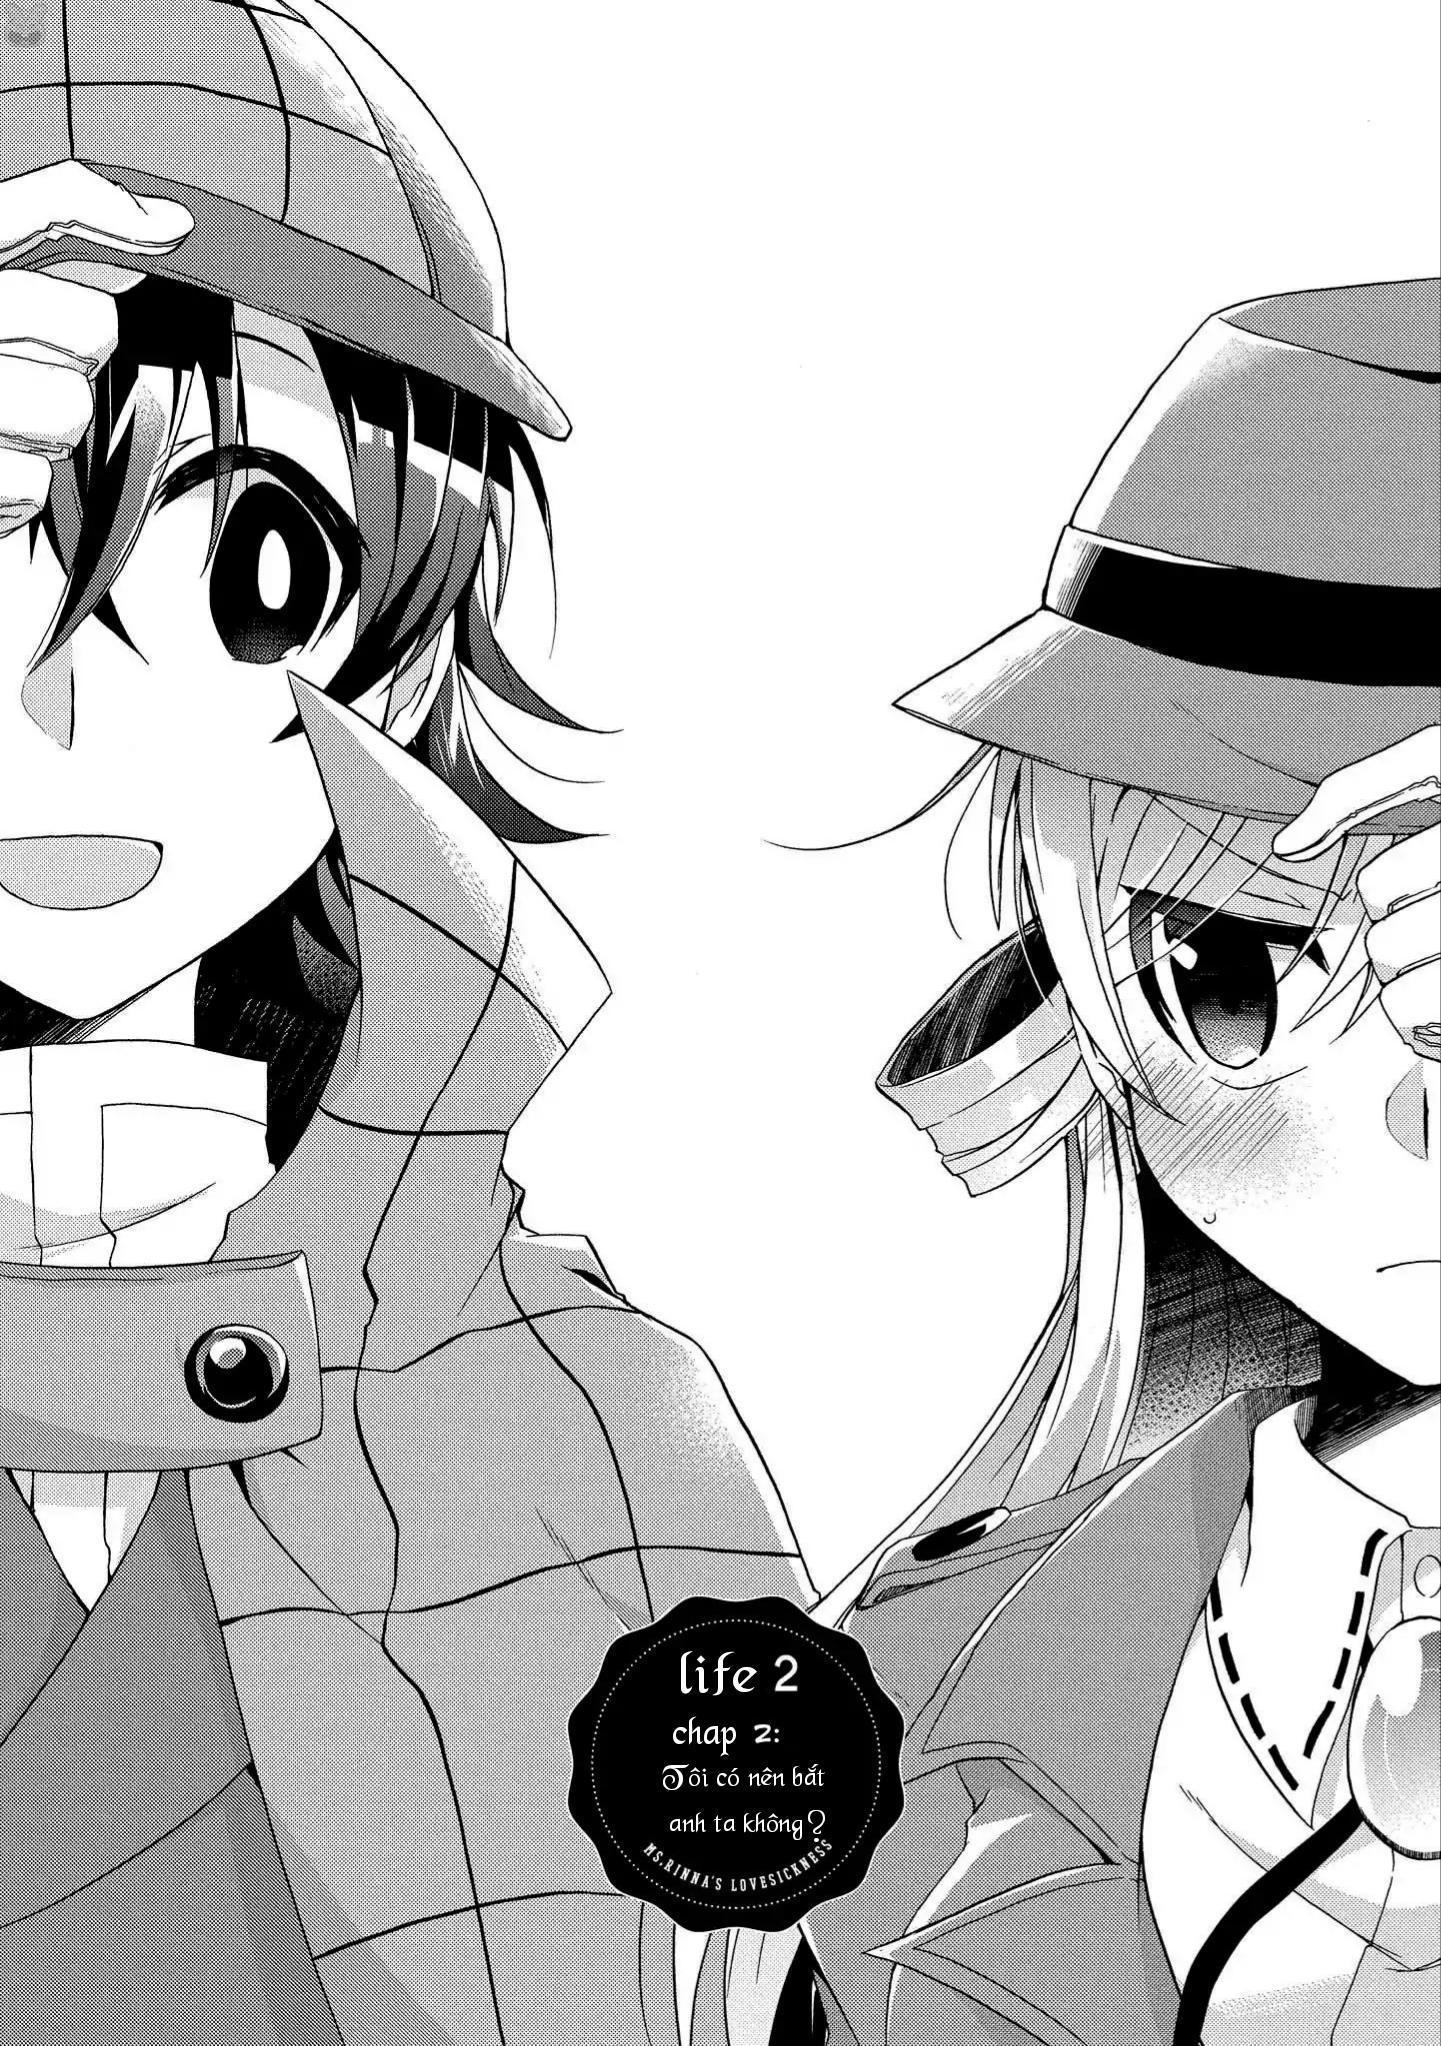 Tình yêu của Rinna: chap 2: tôi có nên bắt anh ta không?